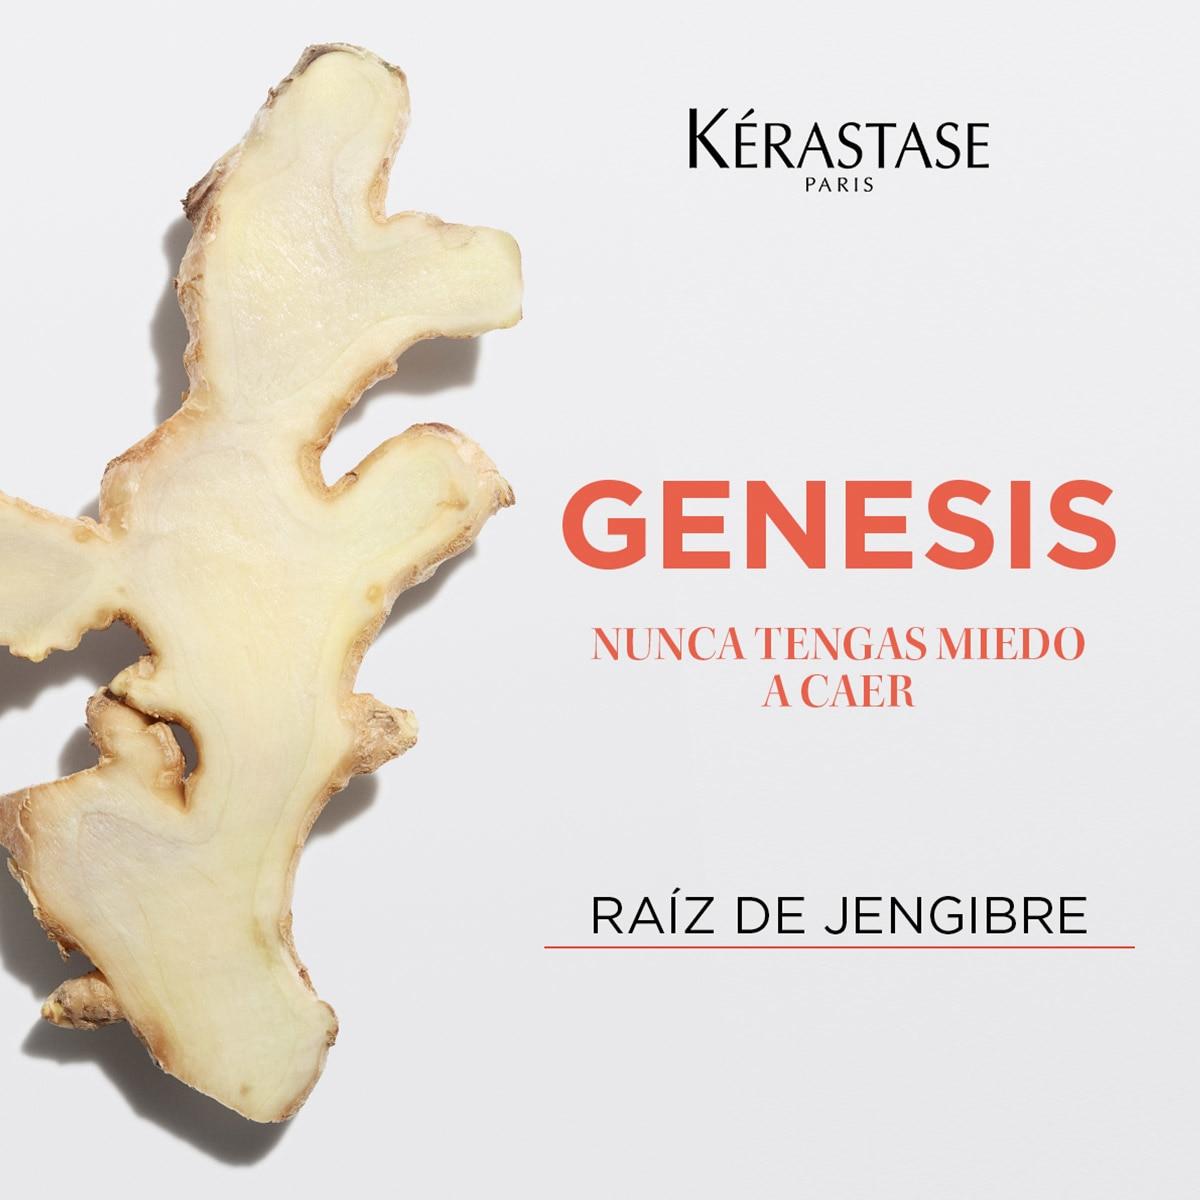 GENESIS MASQUE RECONSTITUANT 200 ML